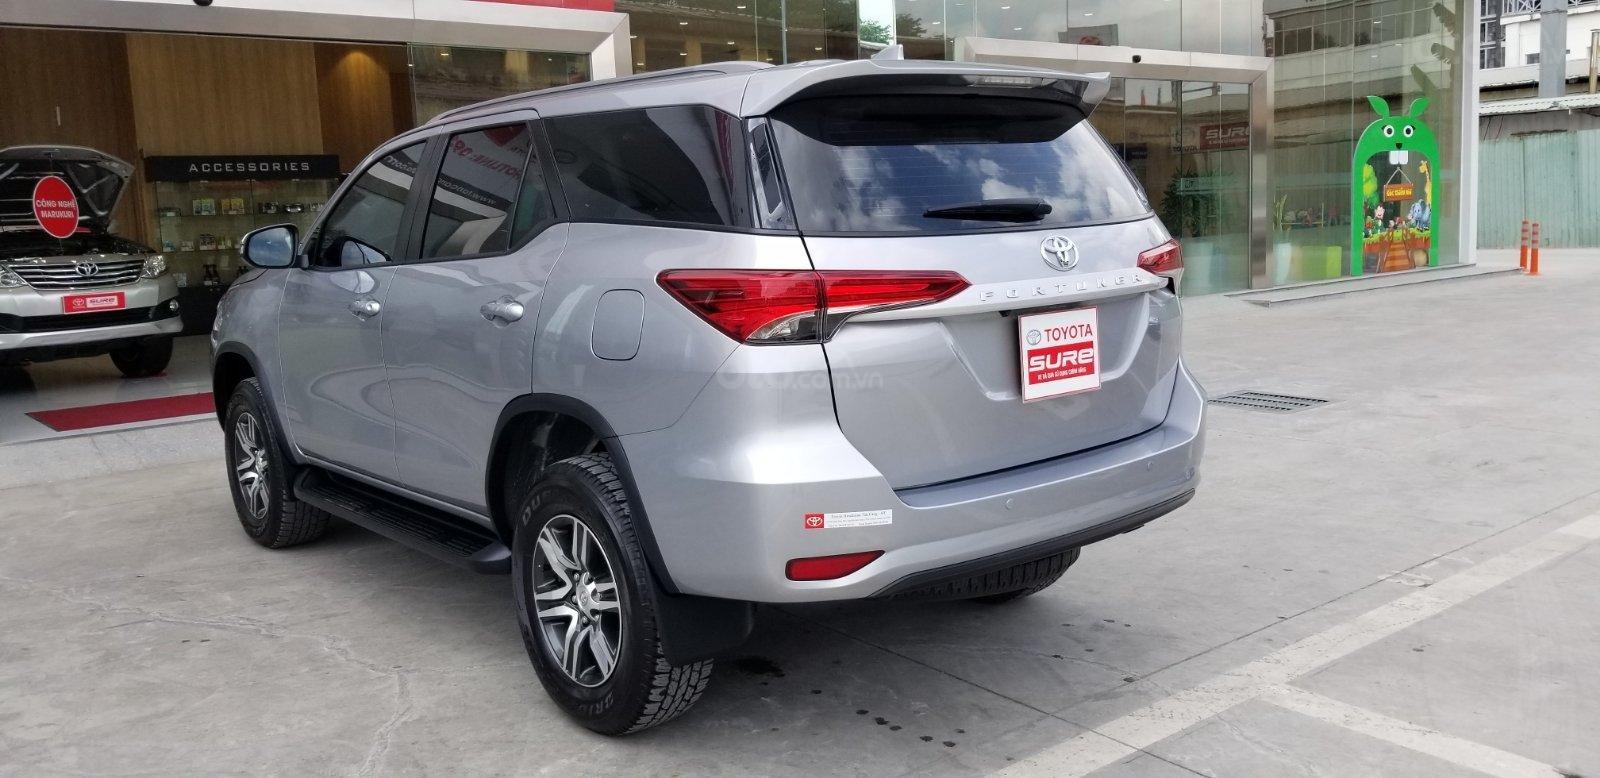 Cần mua bán Toyota Fortuner 2.4G dầu T7/2019, bạc lướt 7.500km, giá rẻ (6)